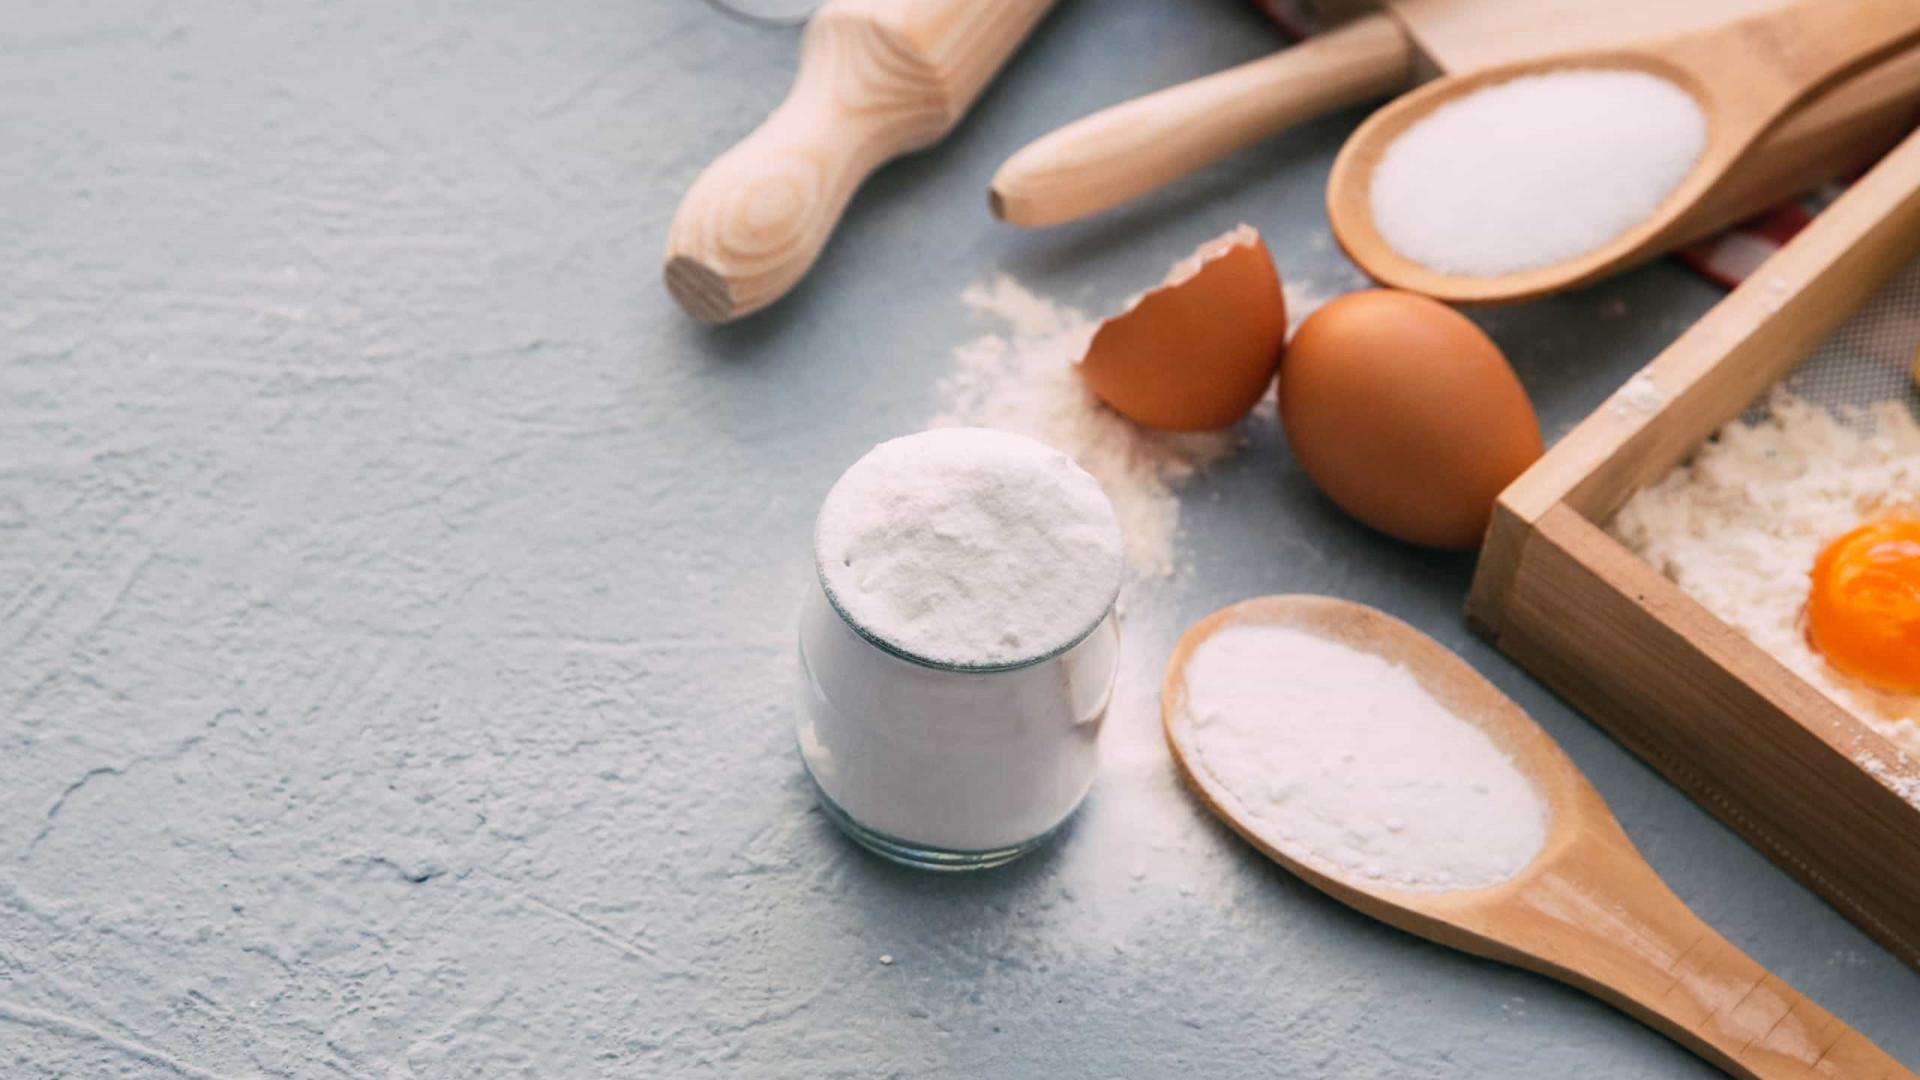 Herói improvável. Quatro utilidades do bicarbonato de sódio na cozinha